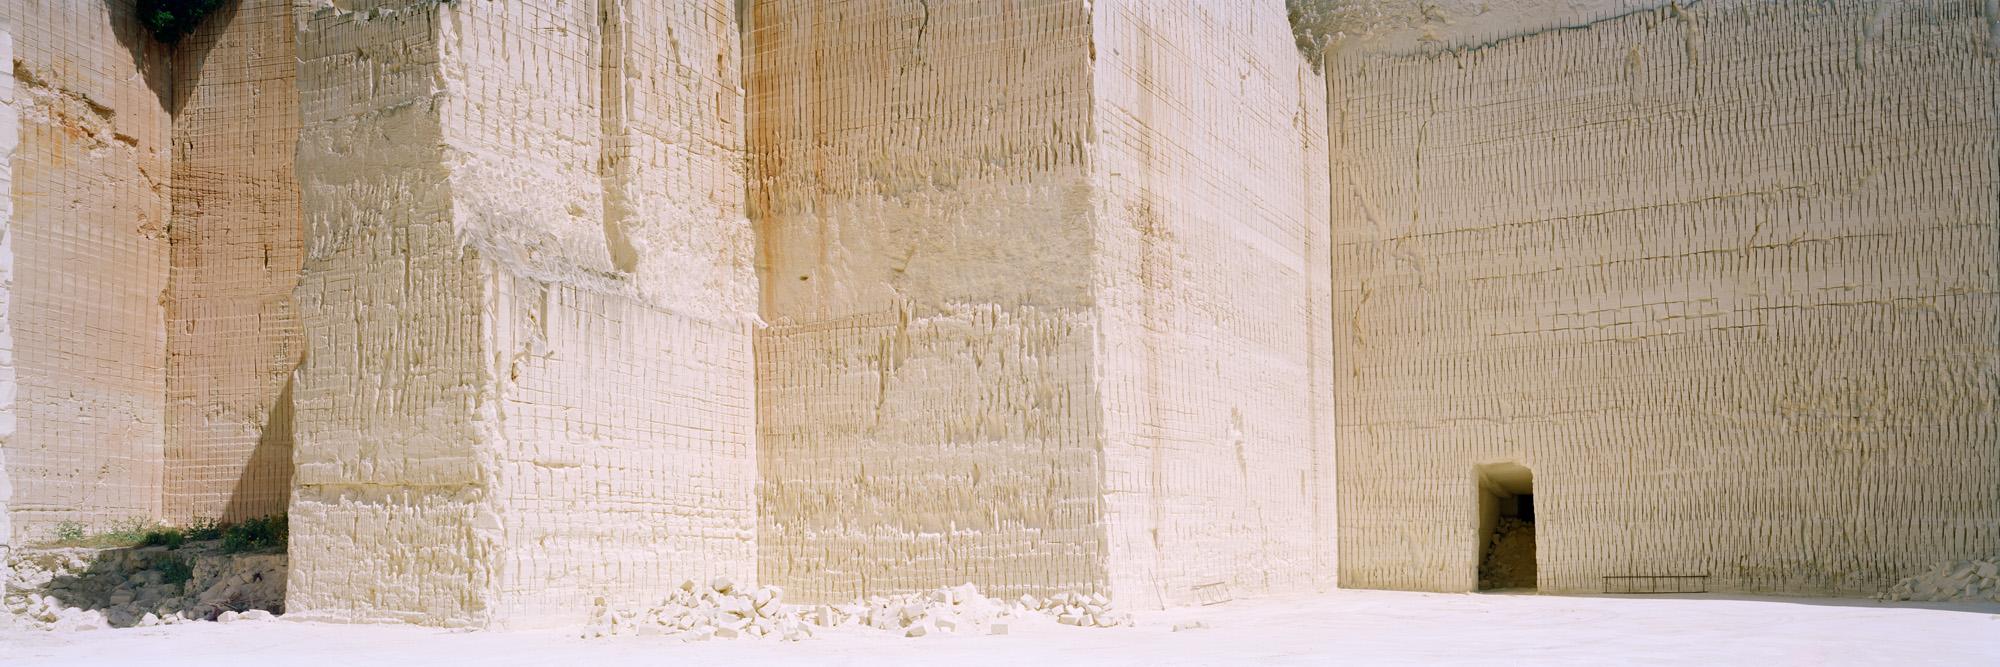 large format photography, Grossformatfotografie, Grossformatphotographie, Fotografie, Photographie, photography, 6x17, Tagebau, Sandstein, weiß, white, braun, brown, beige, Sand,